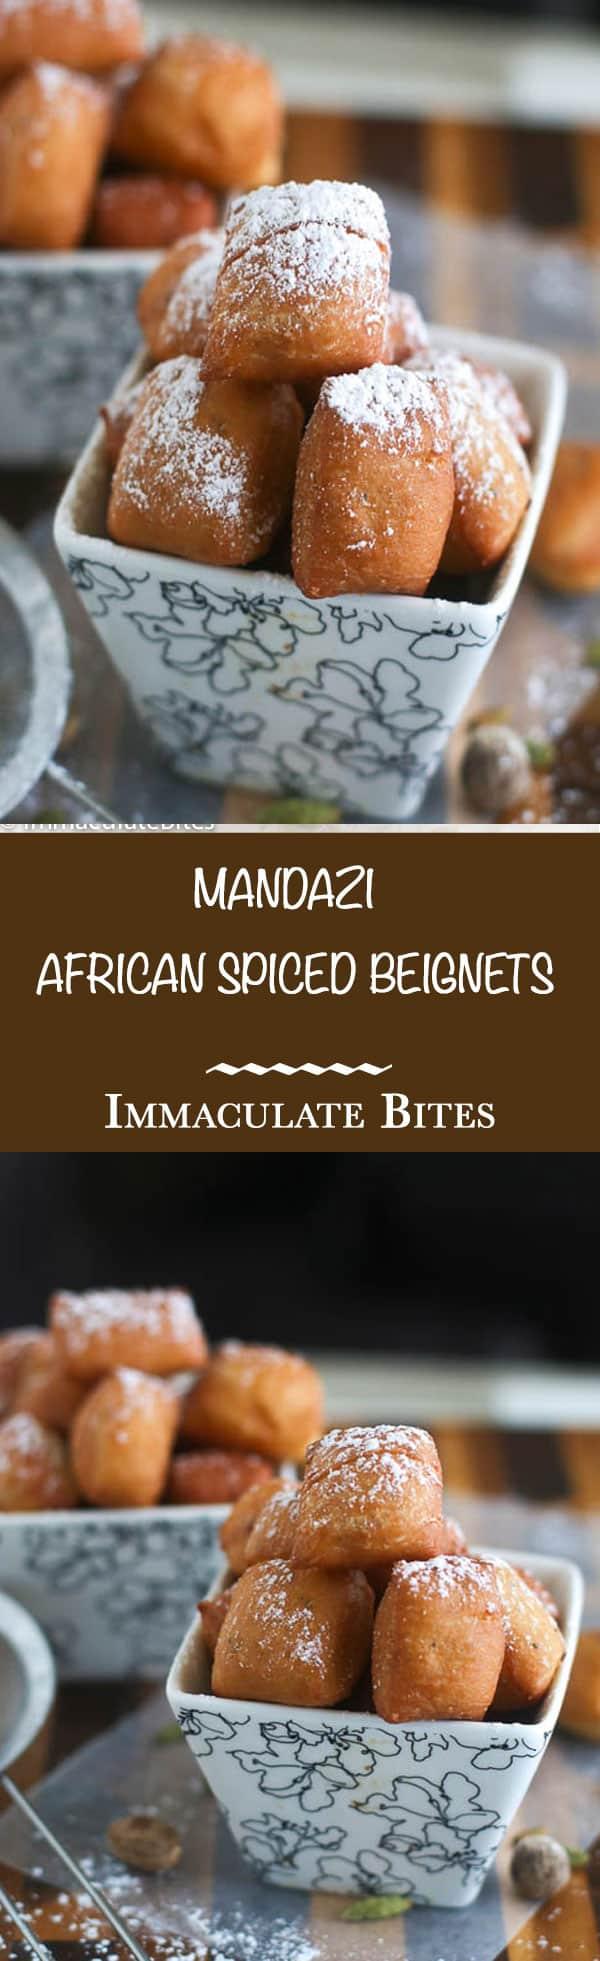 MANDAZI